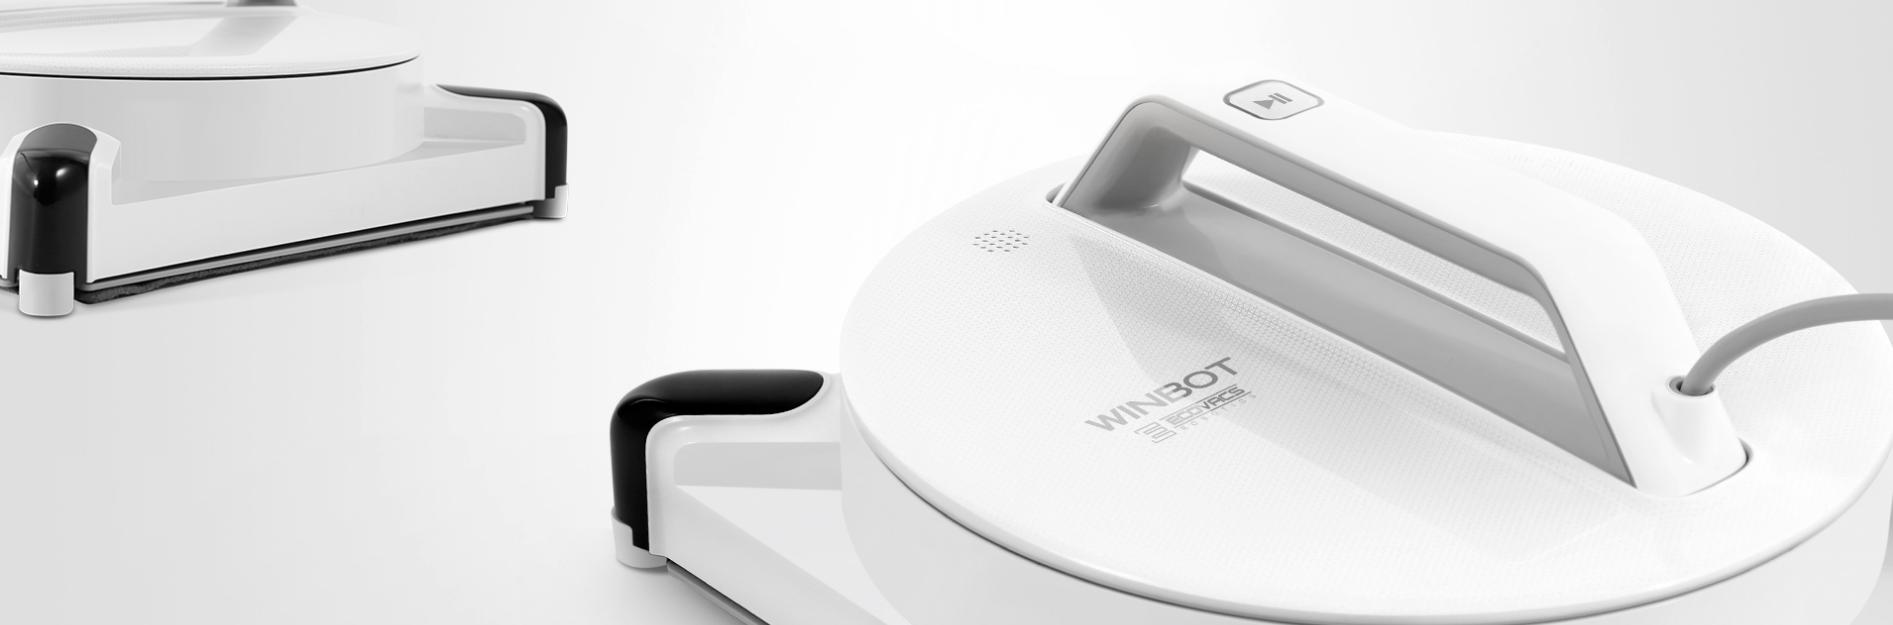 ecovacs winbot 950 robot laveur de vitre - bestofrobots